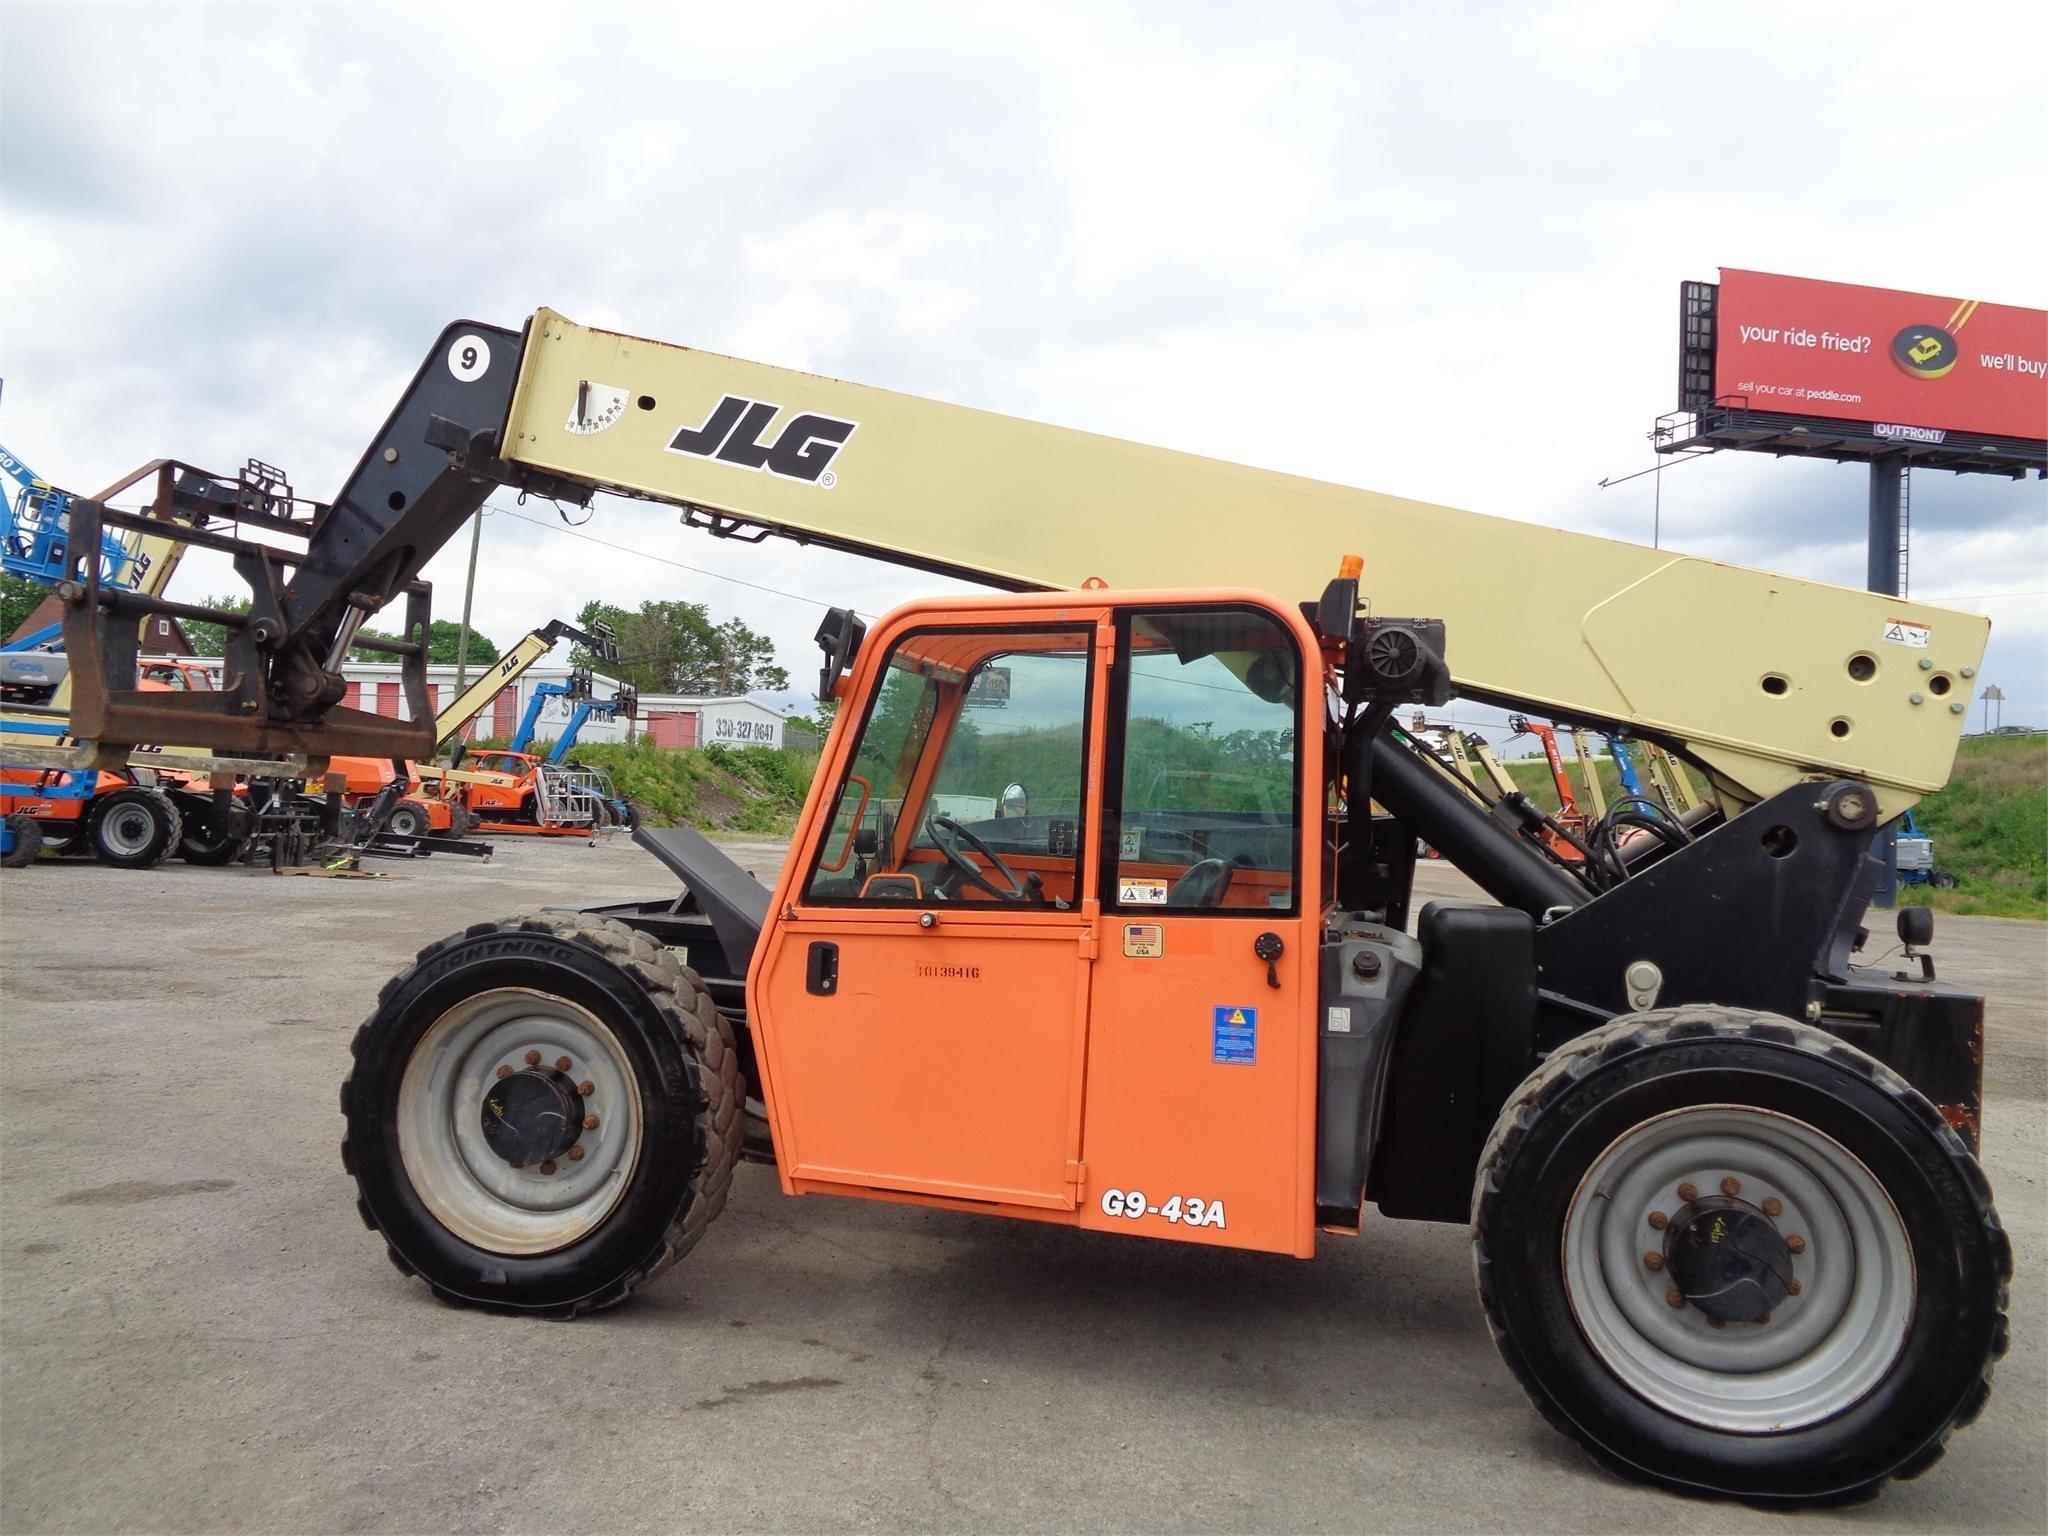 2013 JLG G9-43A